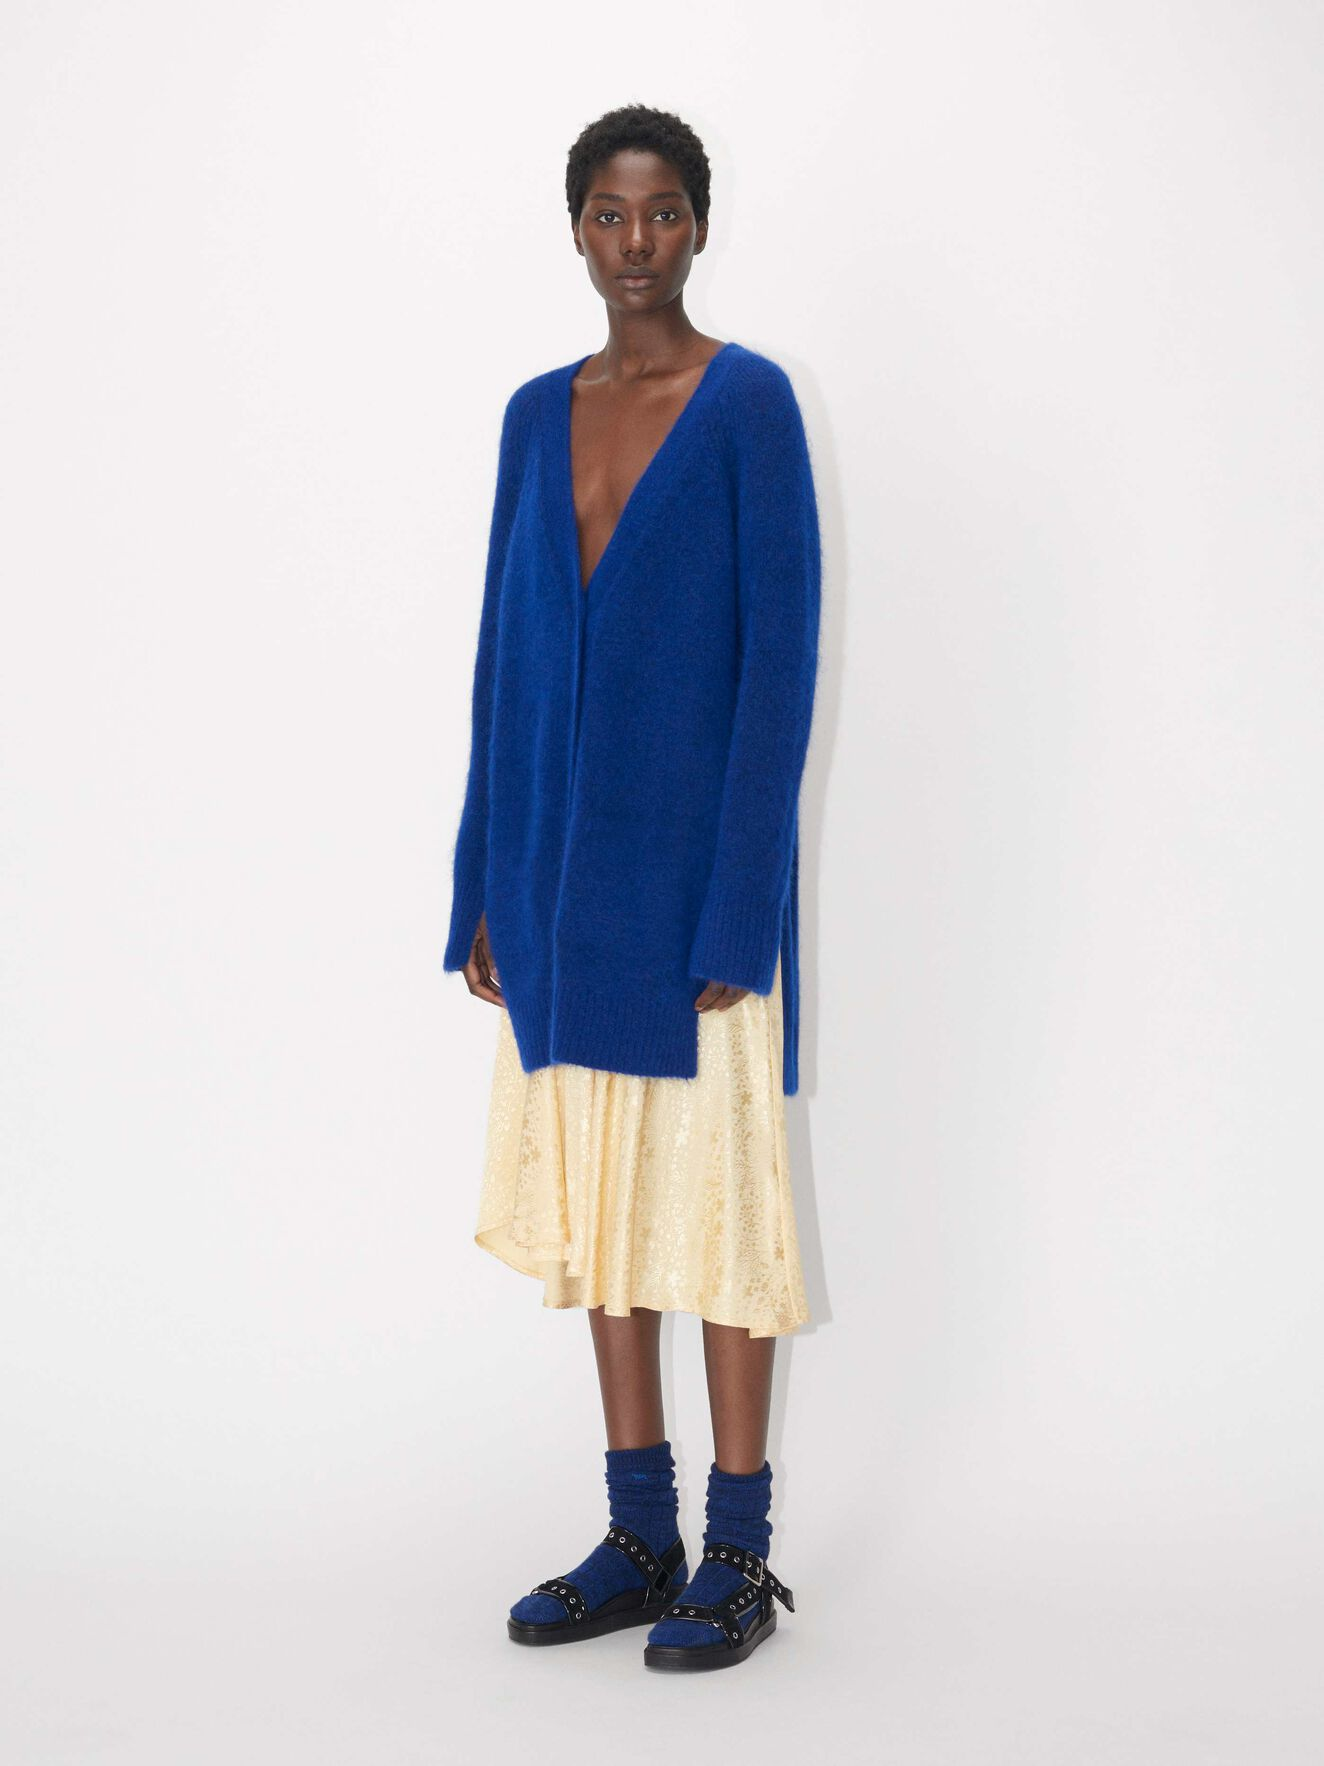 fd7e01f5239 Knitwear - Buy women's designer knitwear at Tiger of Sweden